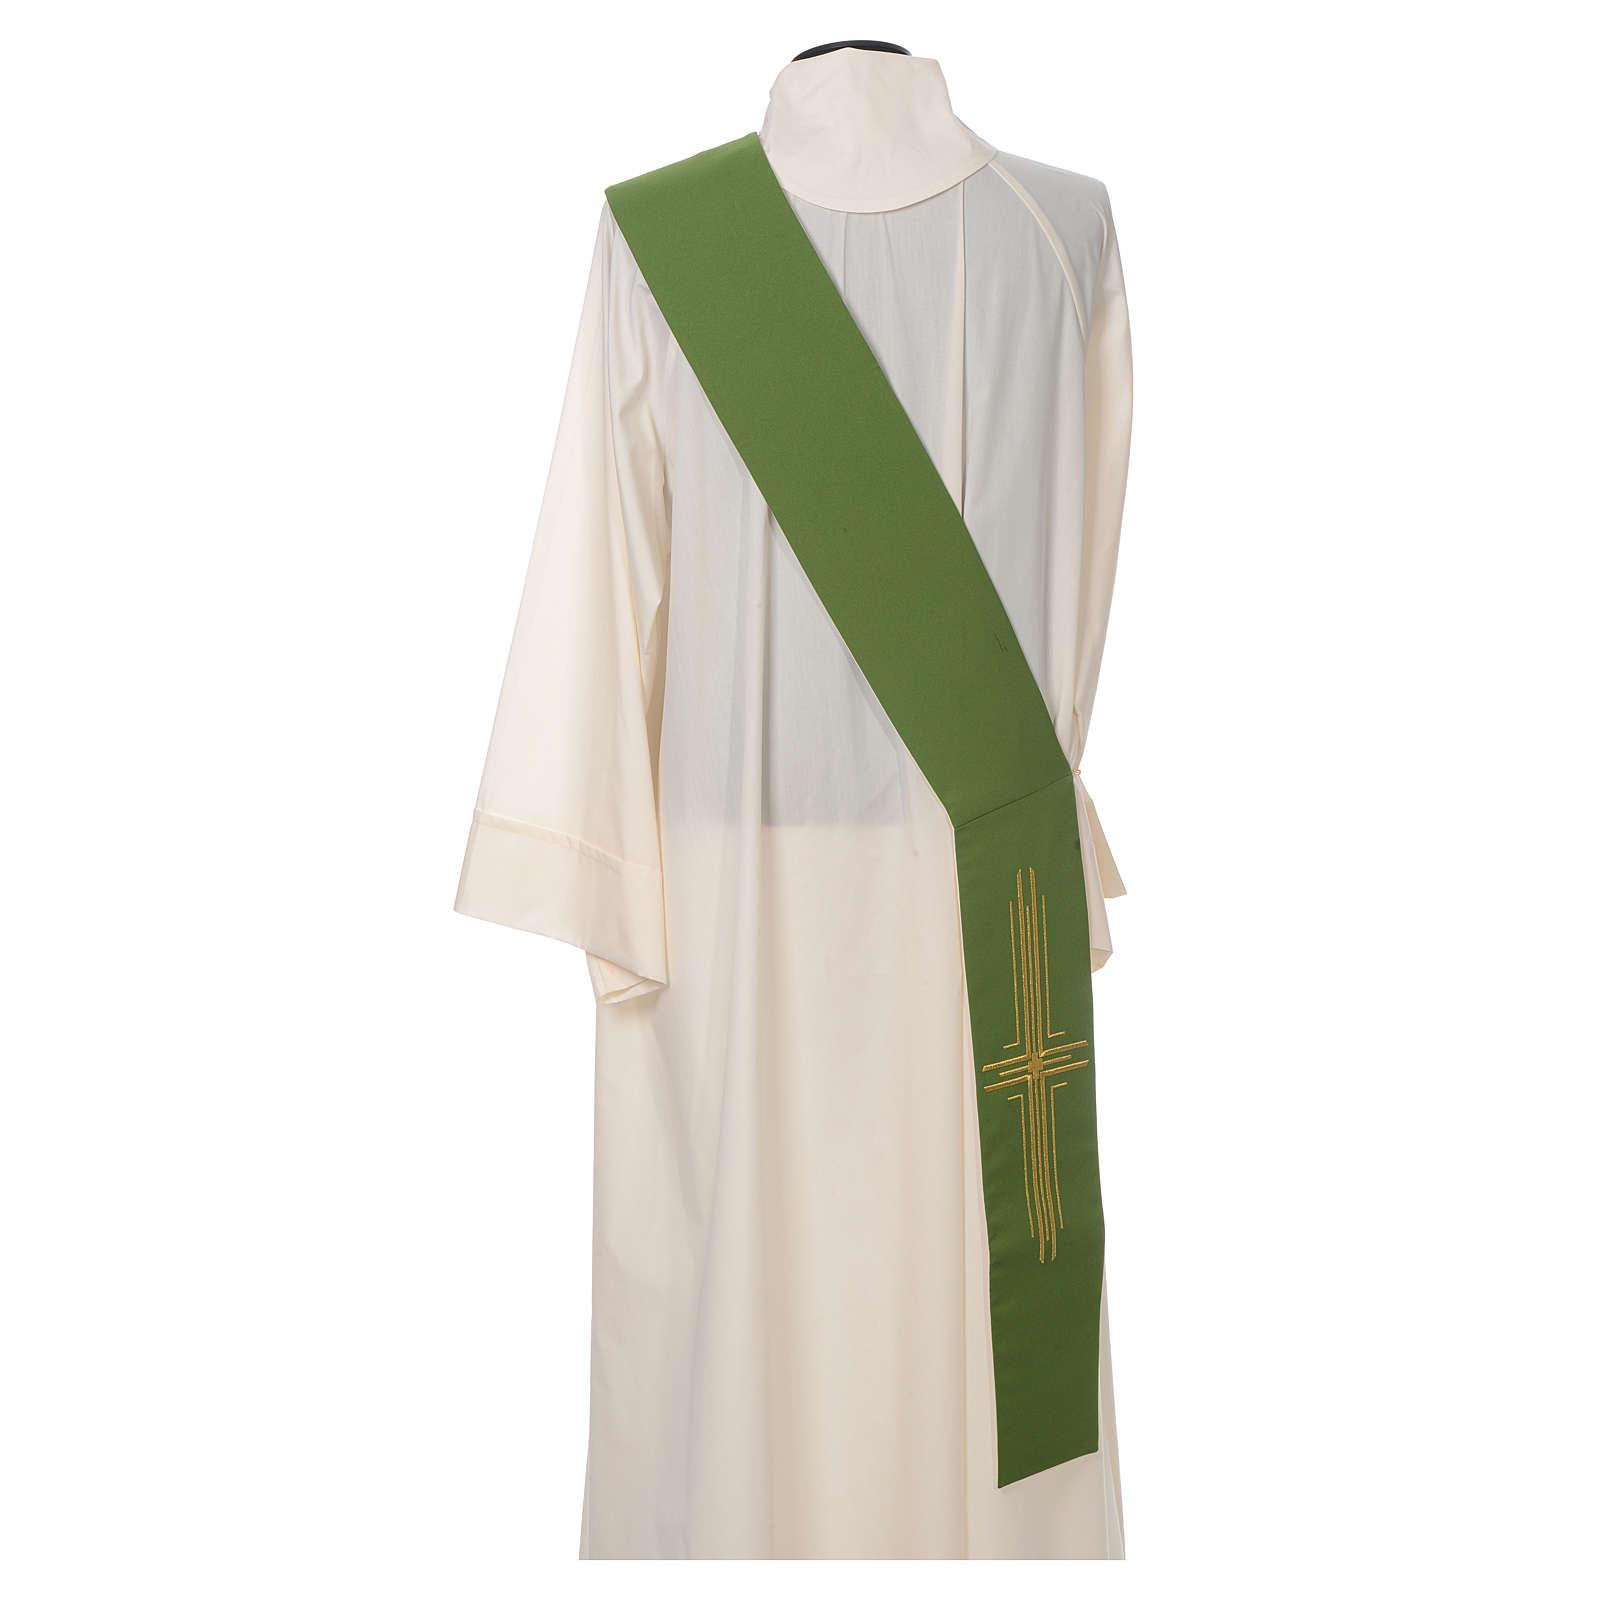 Stola diaconale poliestere croce bianco verde double face 4